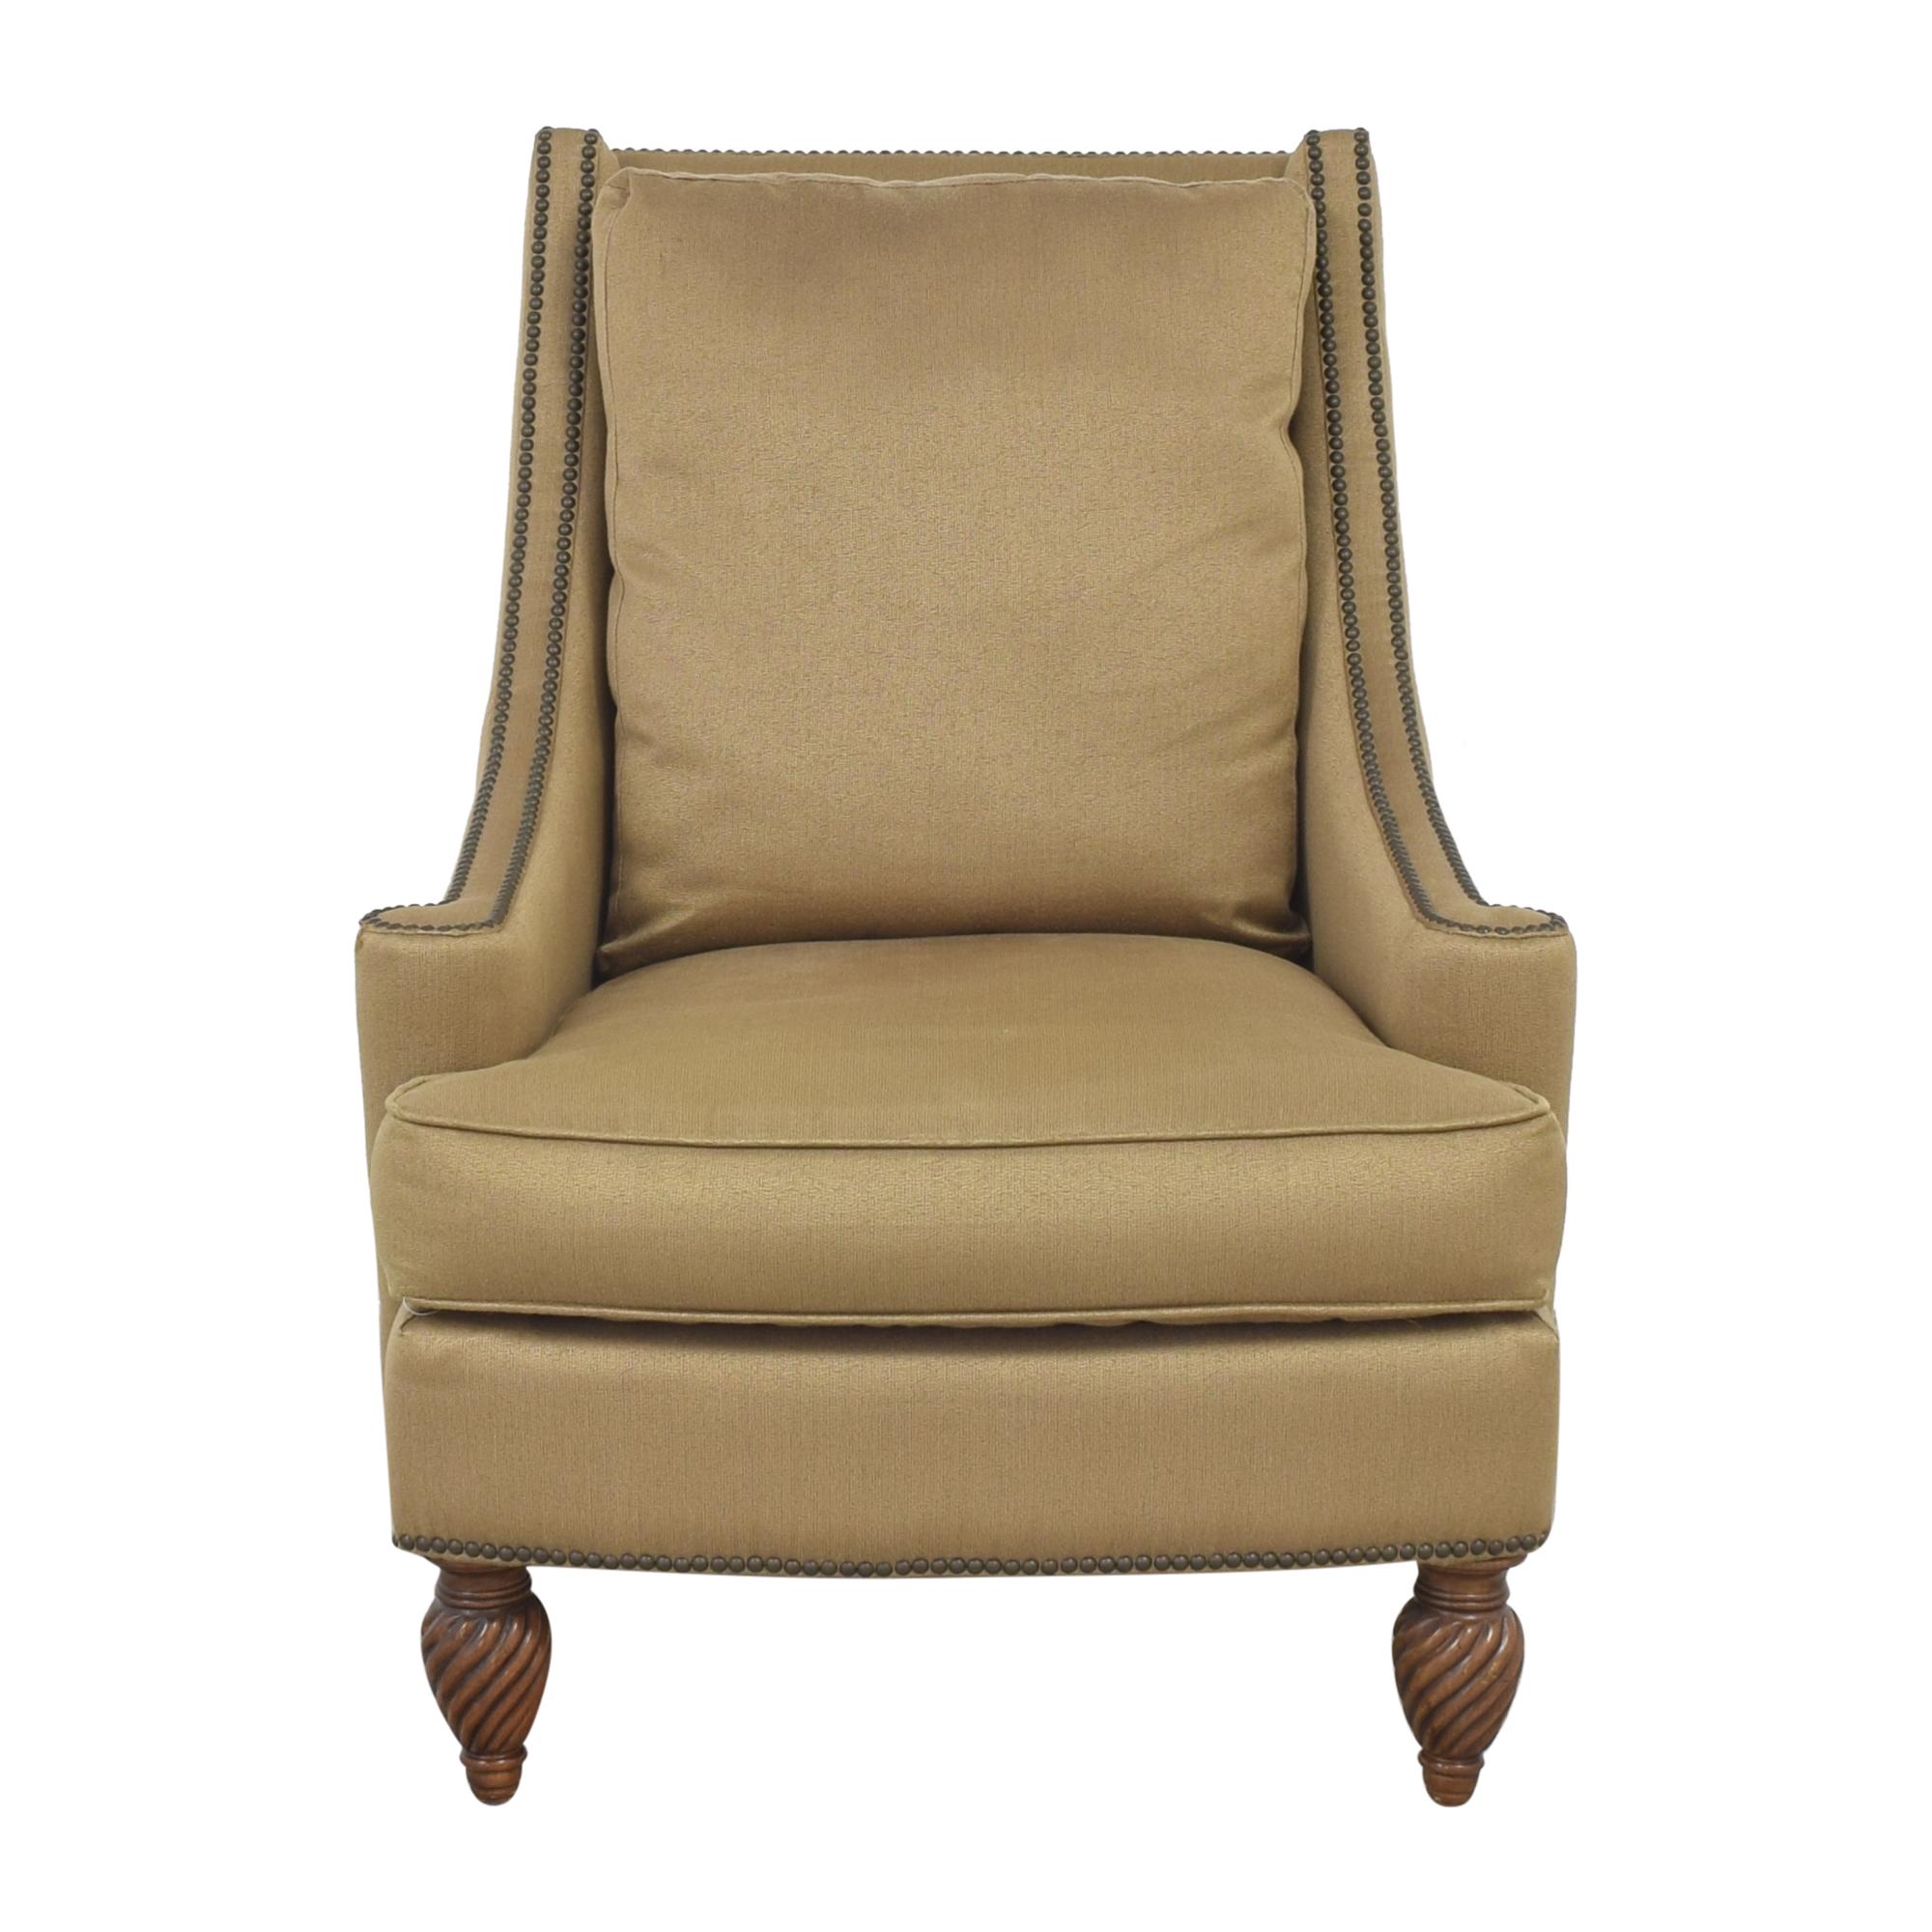 Legacy Classic Furniture Legacy Classic Furniture Pemberleigh Accent Chair Chairs